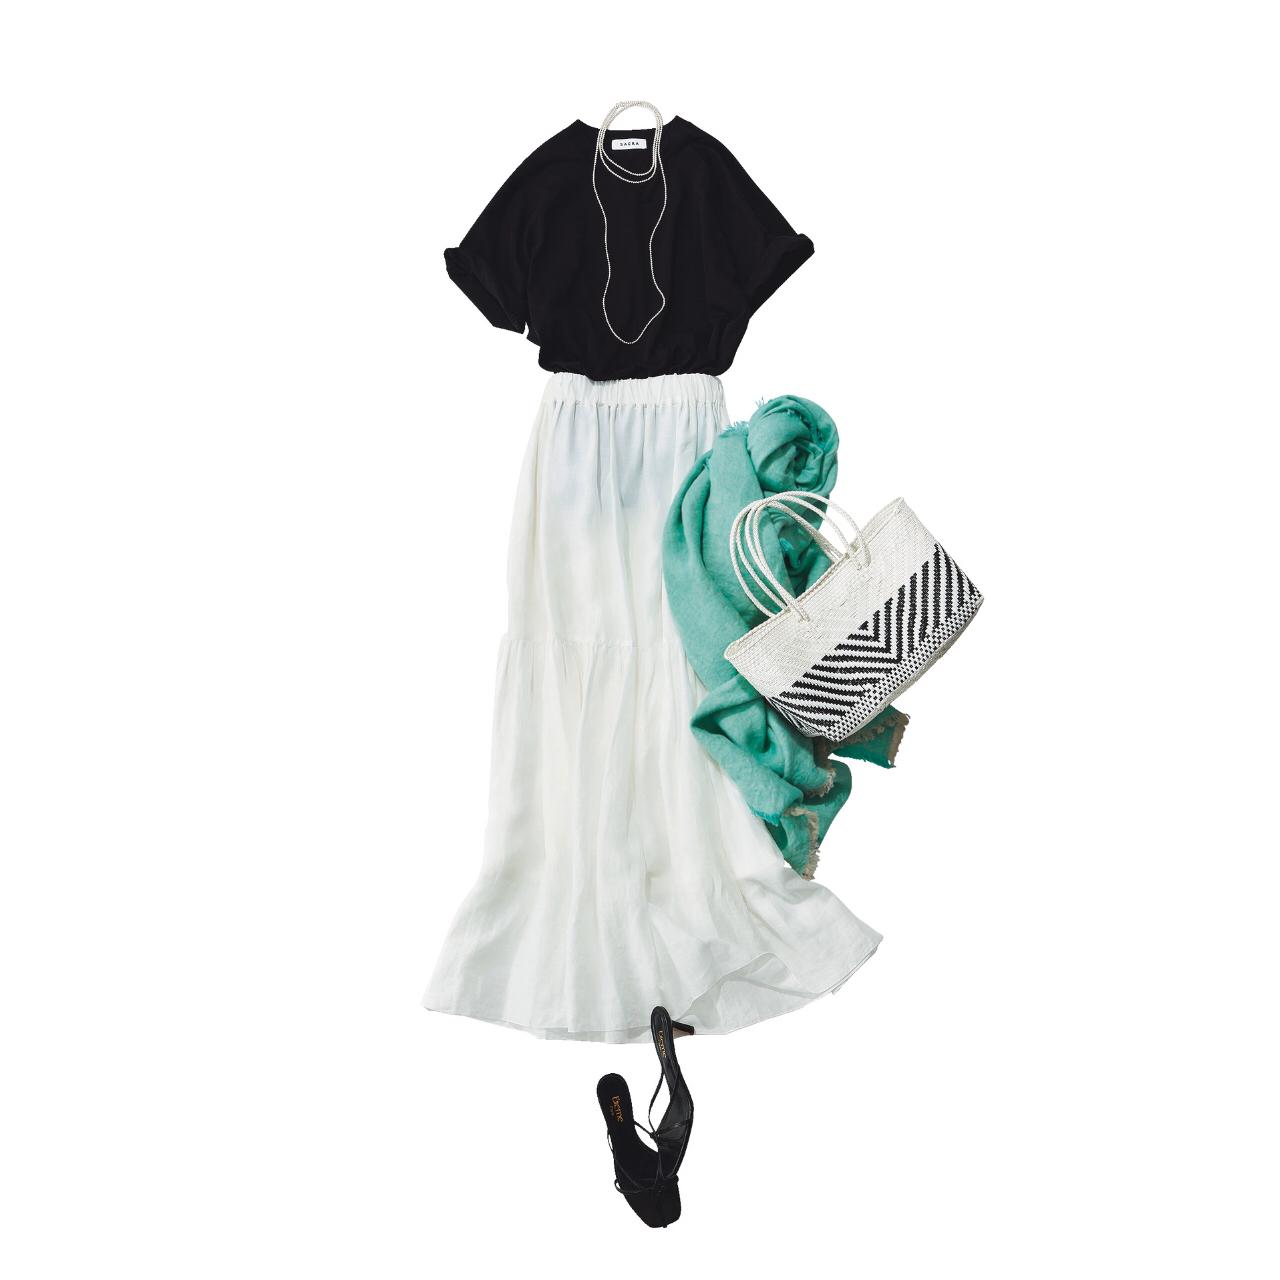 「ストール」でアラフォーの夏コーデをブラッシュアップ! 冷房対策にもおしゃれにも効くストールの取り入れ方 |40代ファッション_1_8